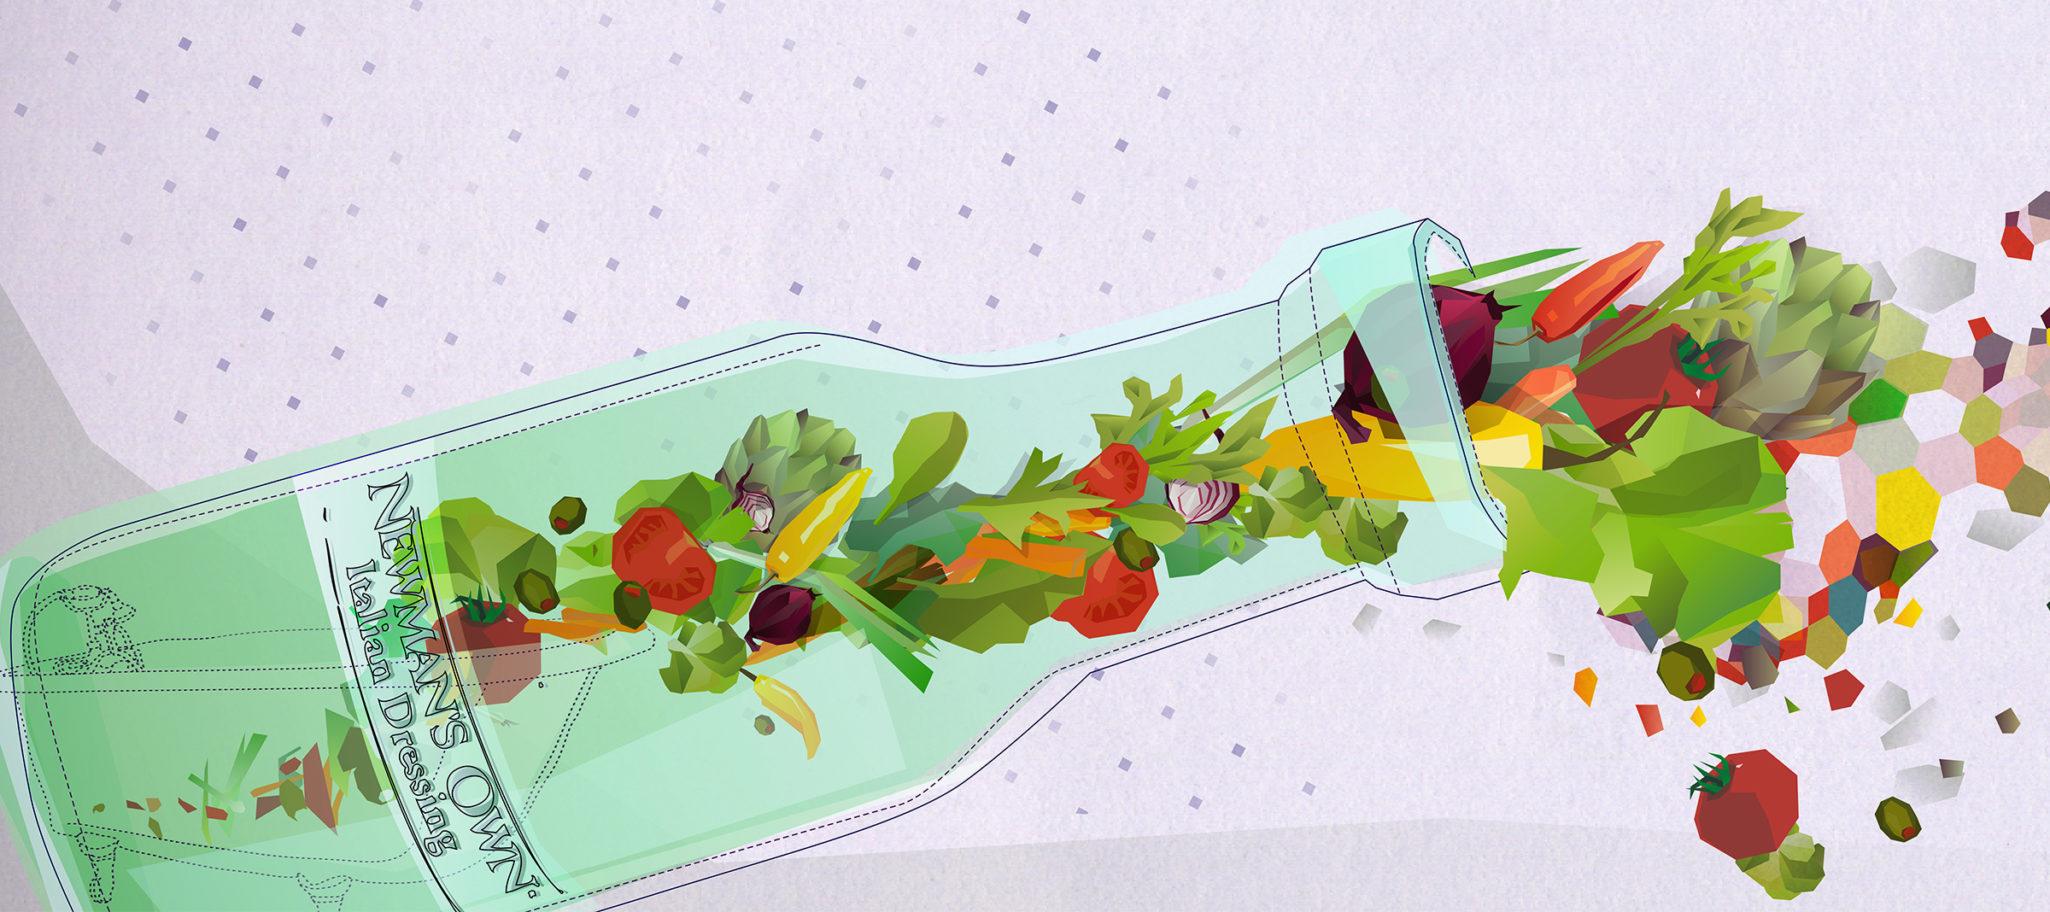 Styleframe: Salat in a bottle